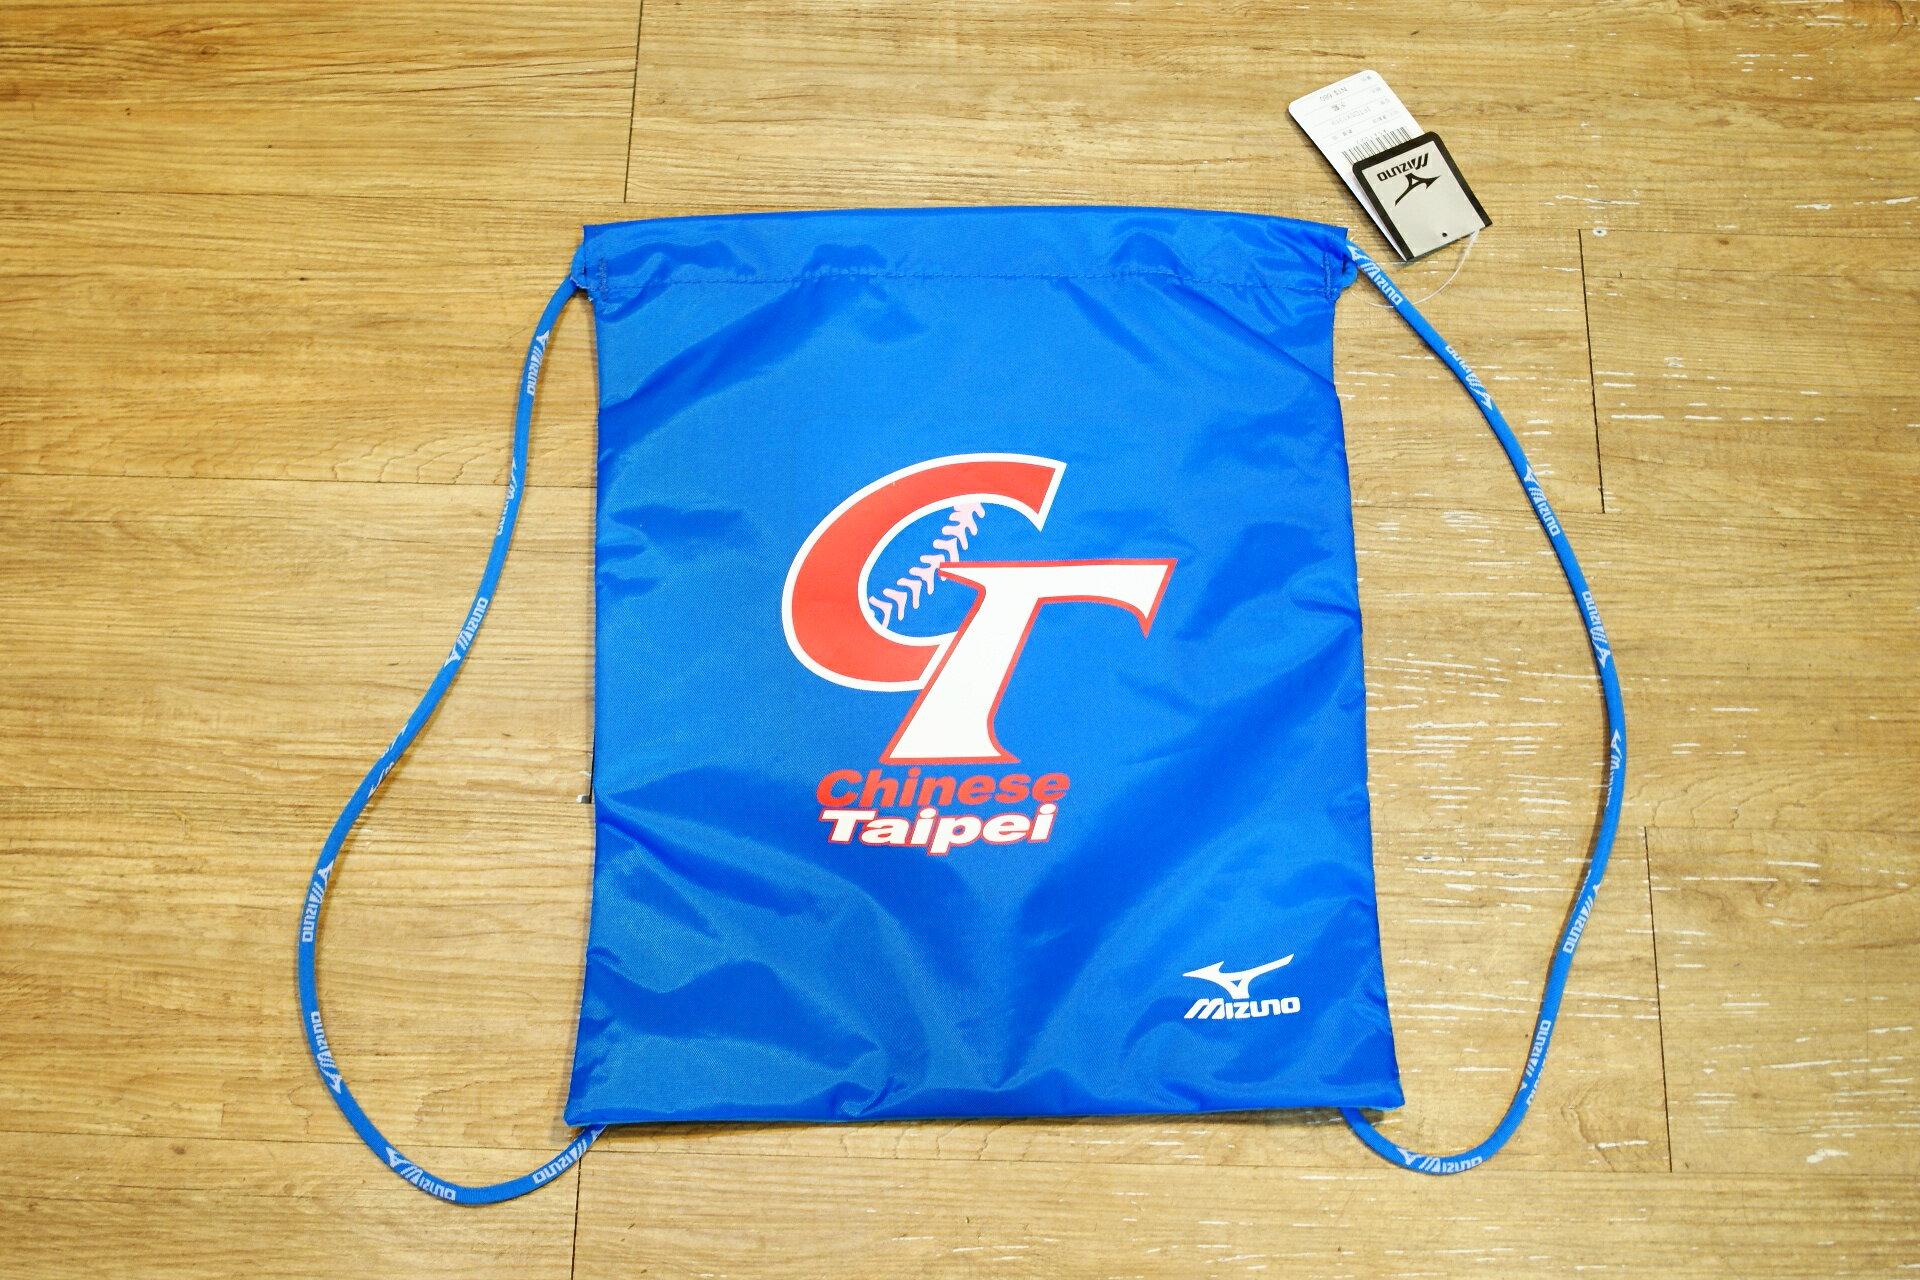 棒球世界MIZUNO美津濃WBSC中華隊CT應援束口袋 限量販售 螢光